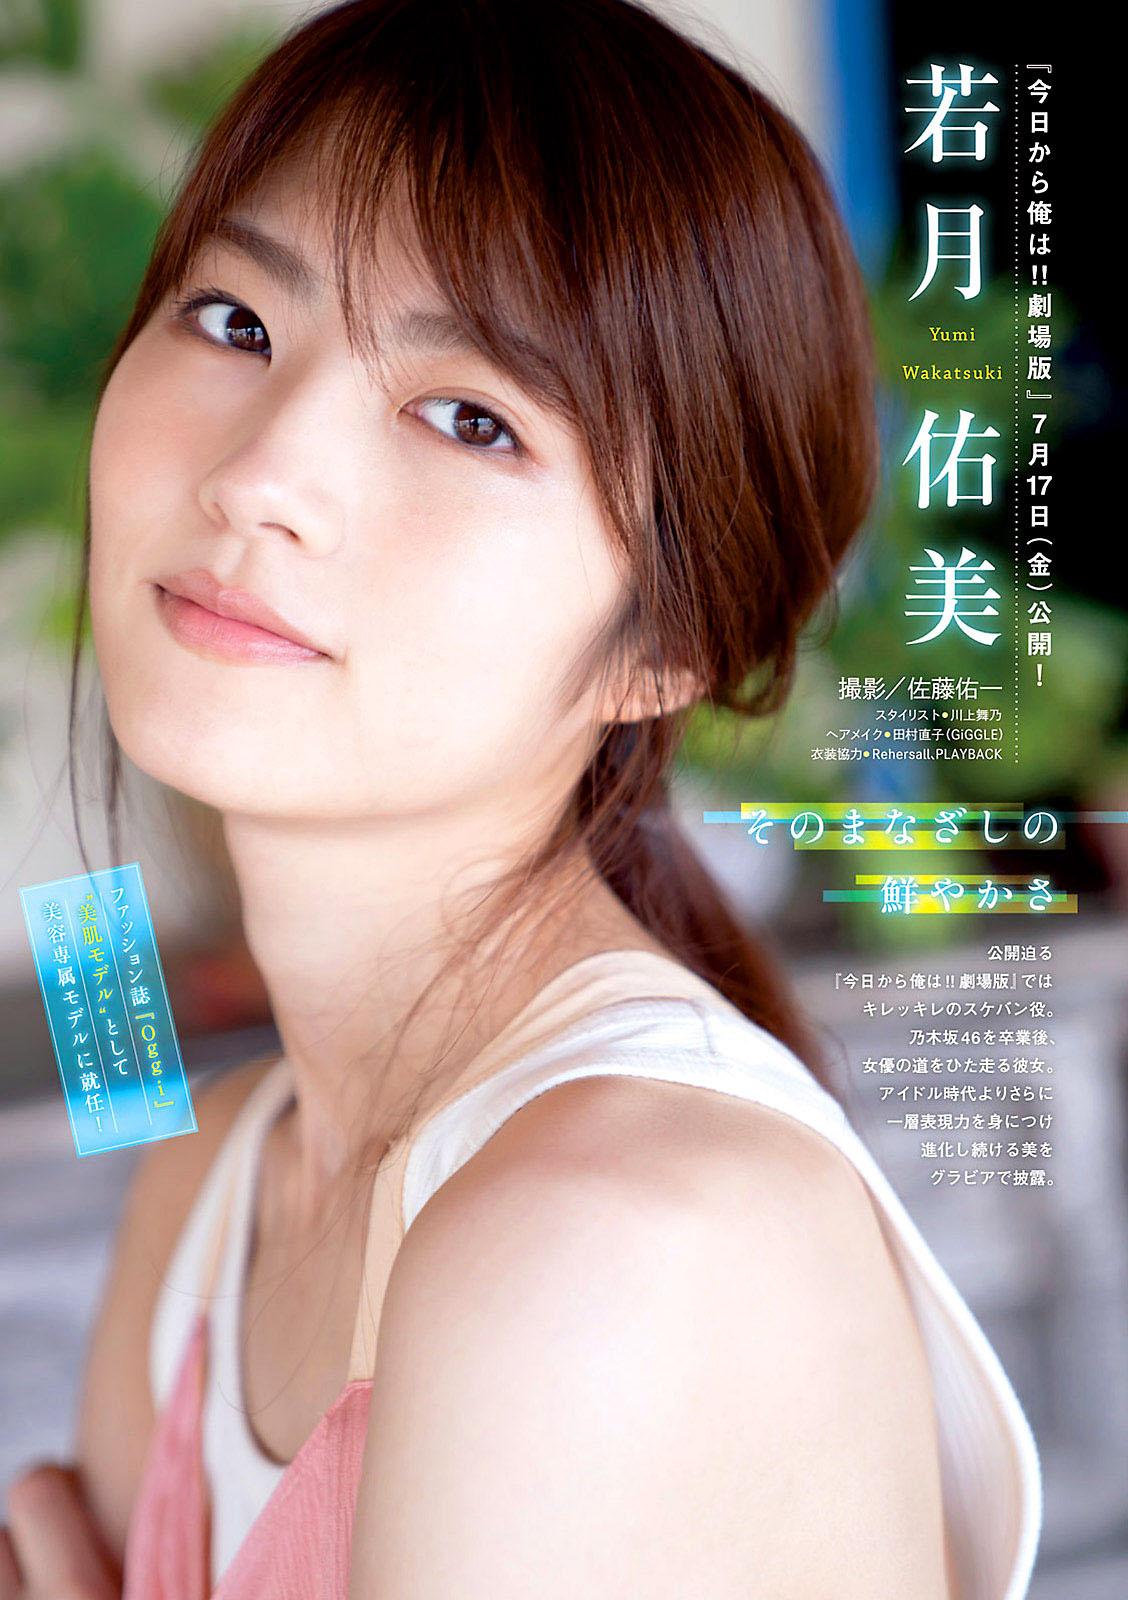 YWakatsuki Young Magazine 200727 02.jpg